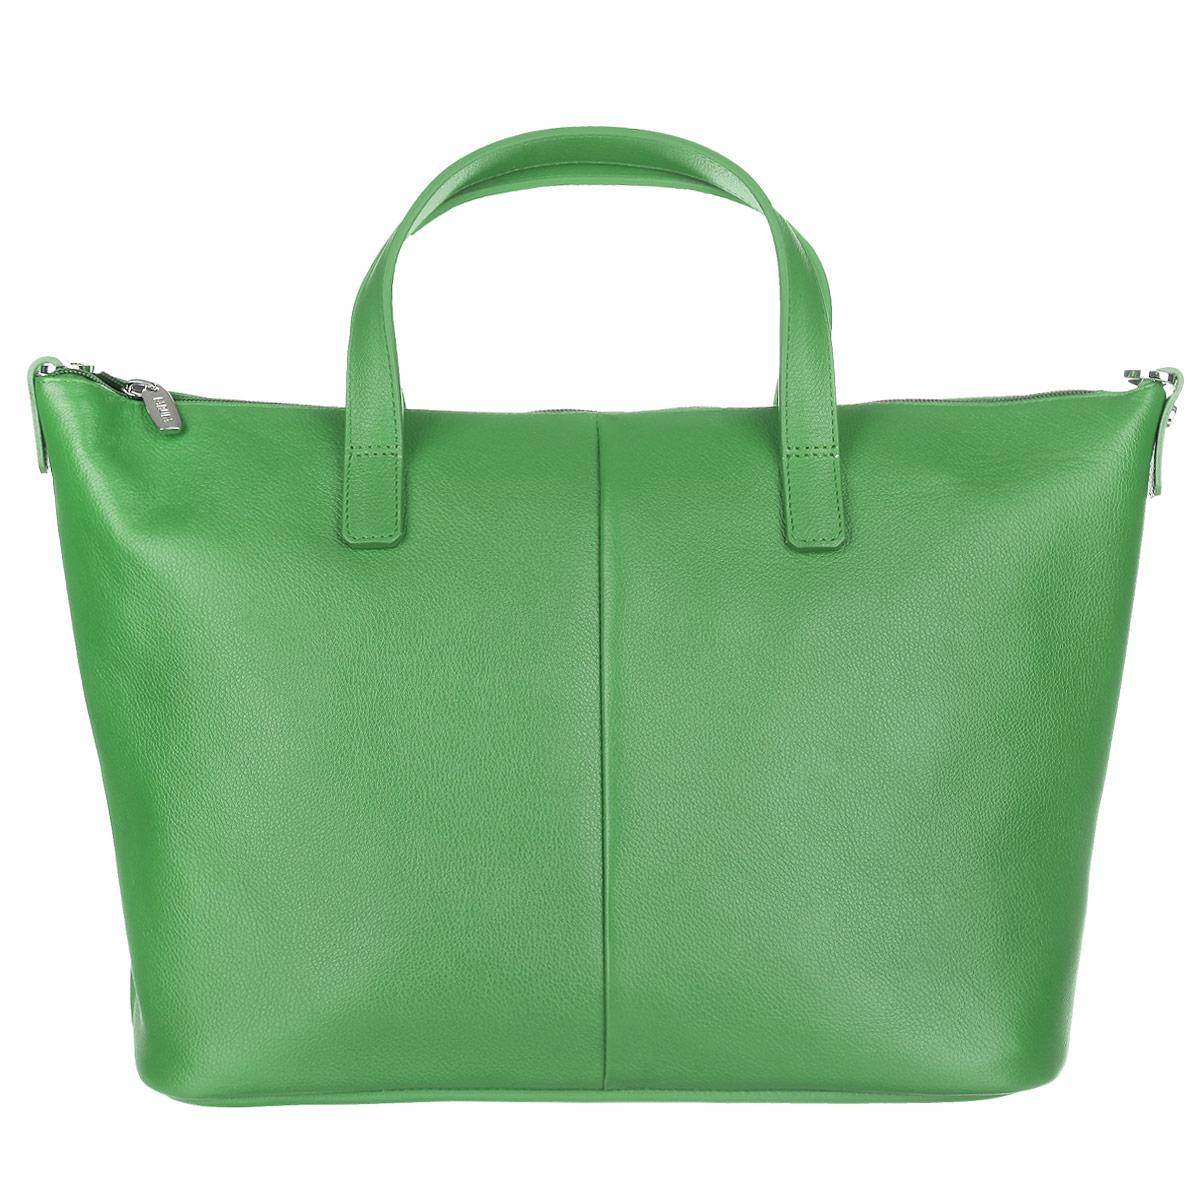 Сумка женская Fabula, цвет: зеленый. S.144.FPS.144.FP. зеленыйВместительная женская сумка Fabula из коллекции Every day выполненная из натуральной матовой кожи. Закрывается на молнию. Сумка оснащена двумя ручками для ношения в руке или на сгибе локтя. В комплекте съемный плечевой ремень, крепящийся на карабины. Длина плечевого ремня не регулируется. Внутренне отделение содержит два прорезных кармана на молнии и глубокий нашивной карман на кнопках. Внутренняя плотная вкладка, обтянутая тканью, делает дно сумки устойчивым. Дно защищено от повреждений металлическими ножками. Изделие упаковано в текстильную сумку. Такая сумка позволит вам подчеркнуть свой стиль и особенный статус.